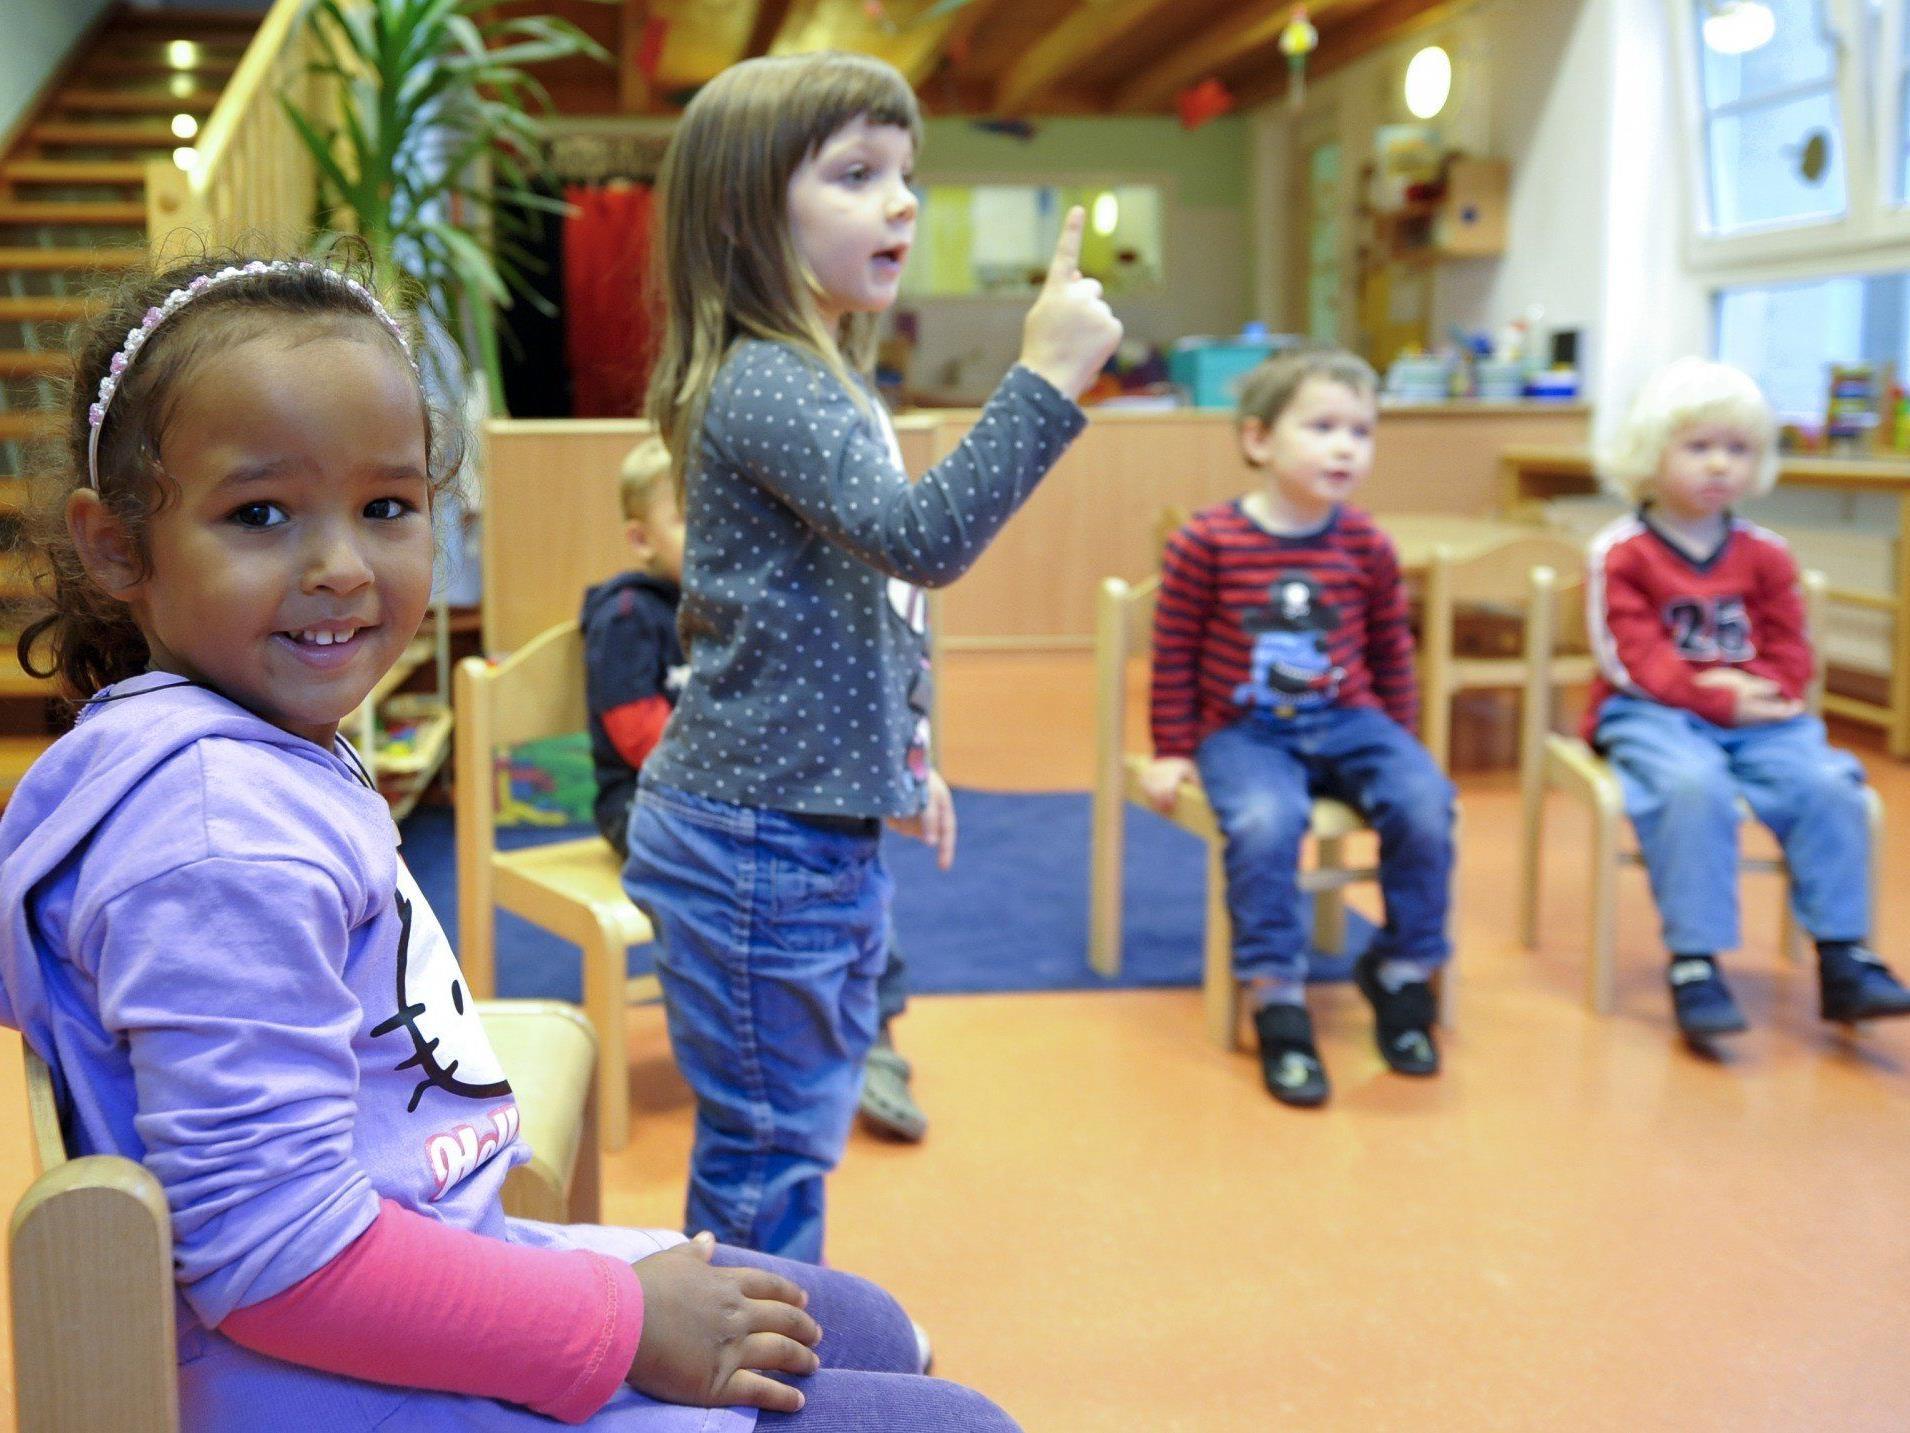 Die Kinderbetreuung als Deutschschule, so der Vorschlag der Logopädin.